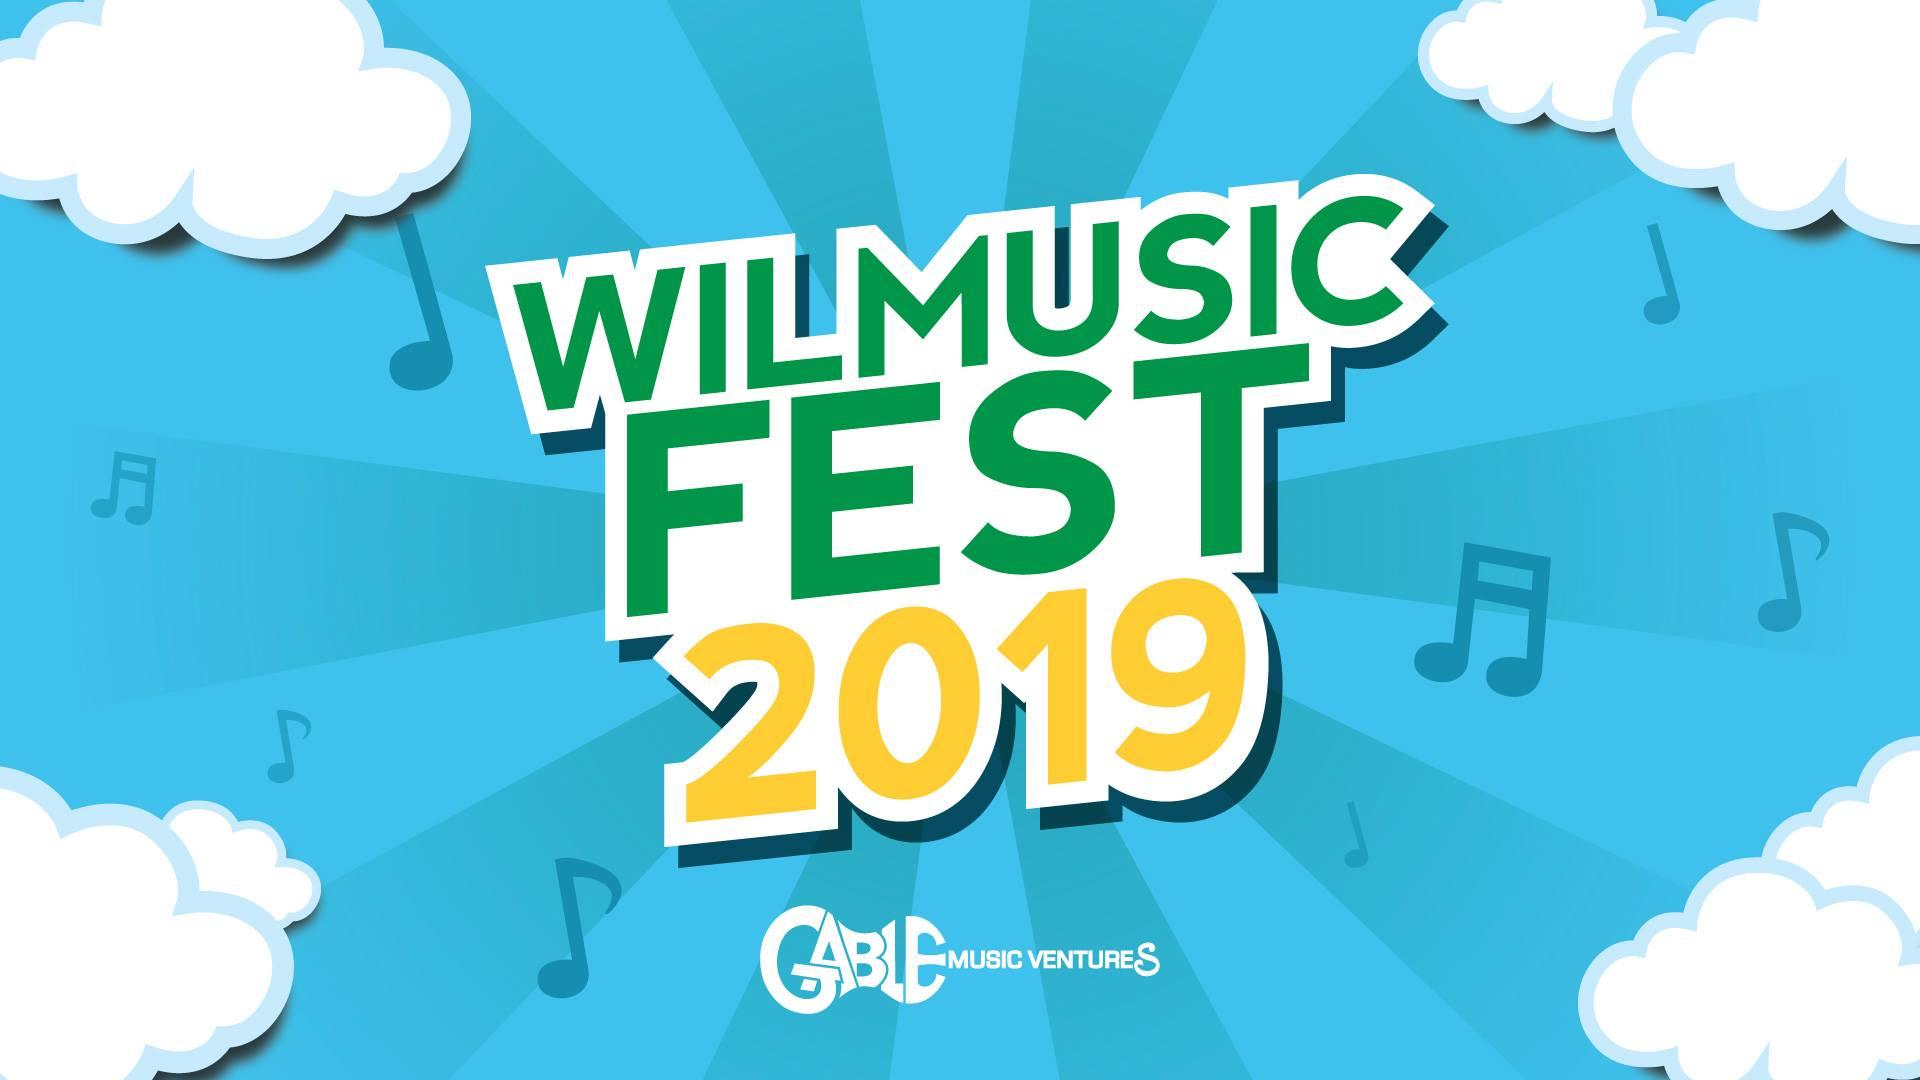 wilmusic fest 2019